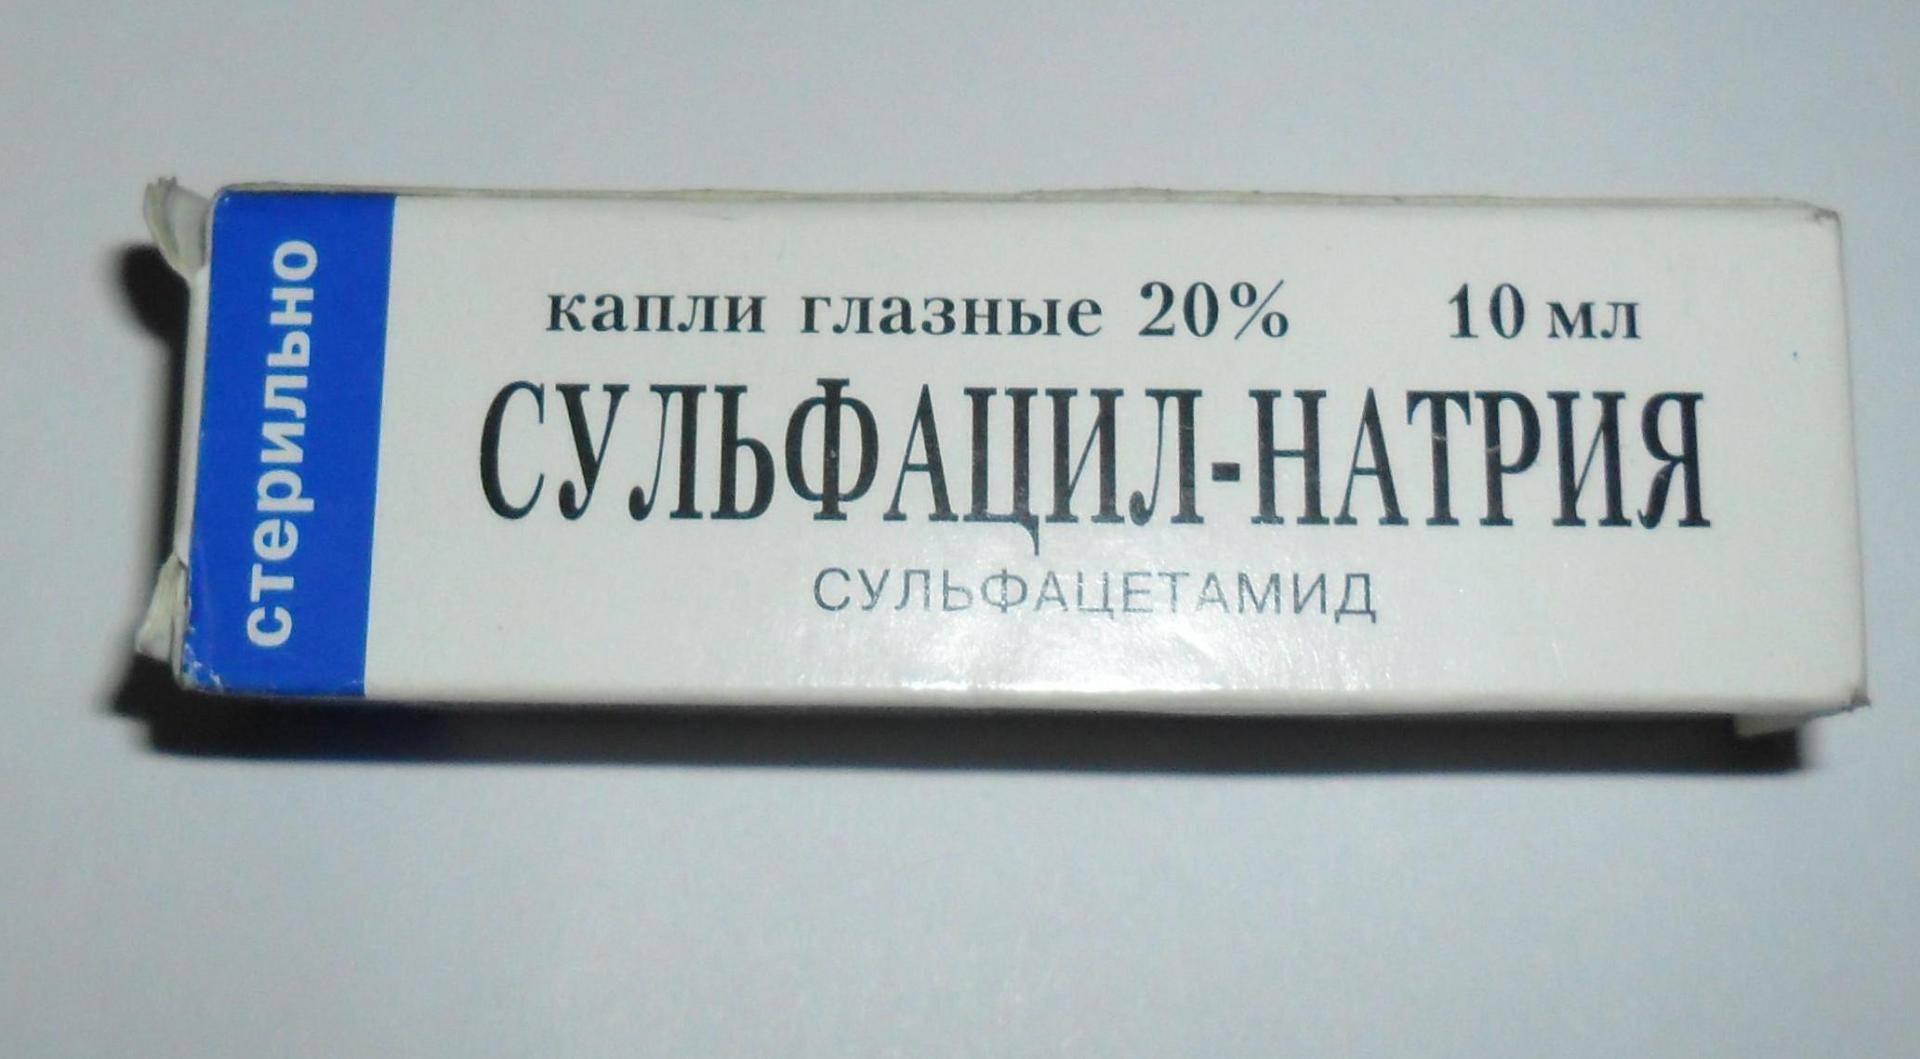 Сульфацетамид: аналоги, торговое название глазных капель - medside.ru